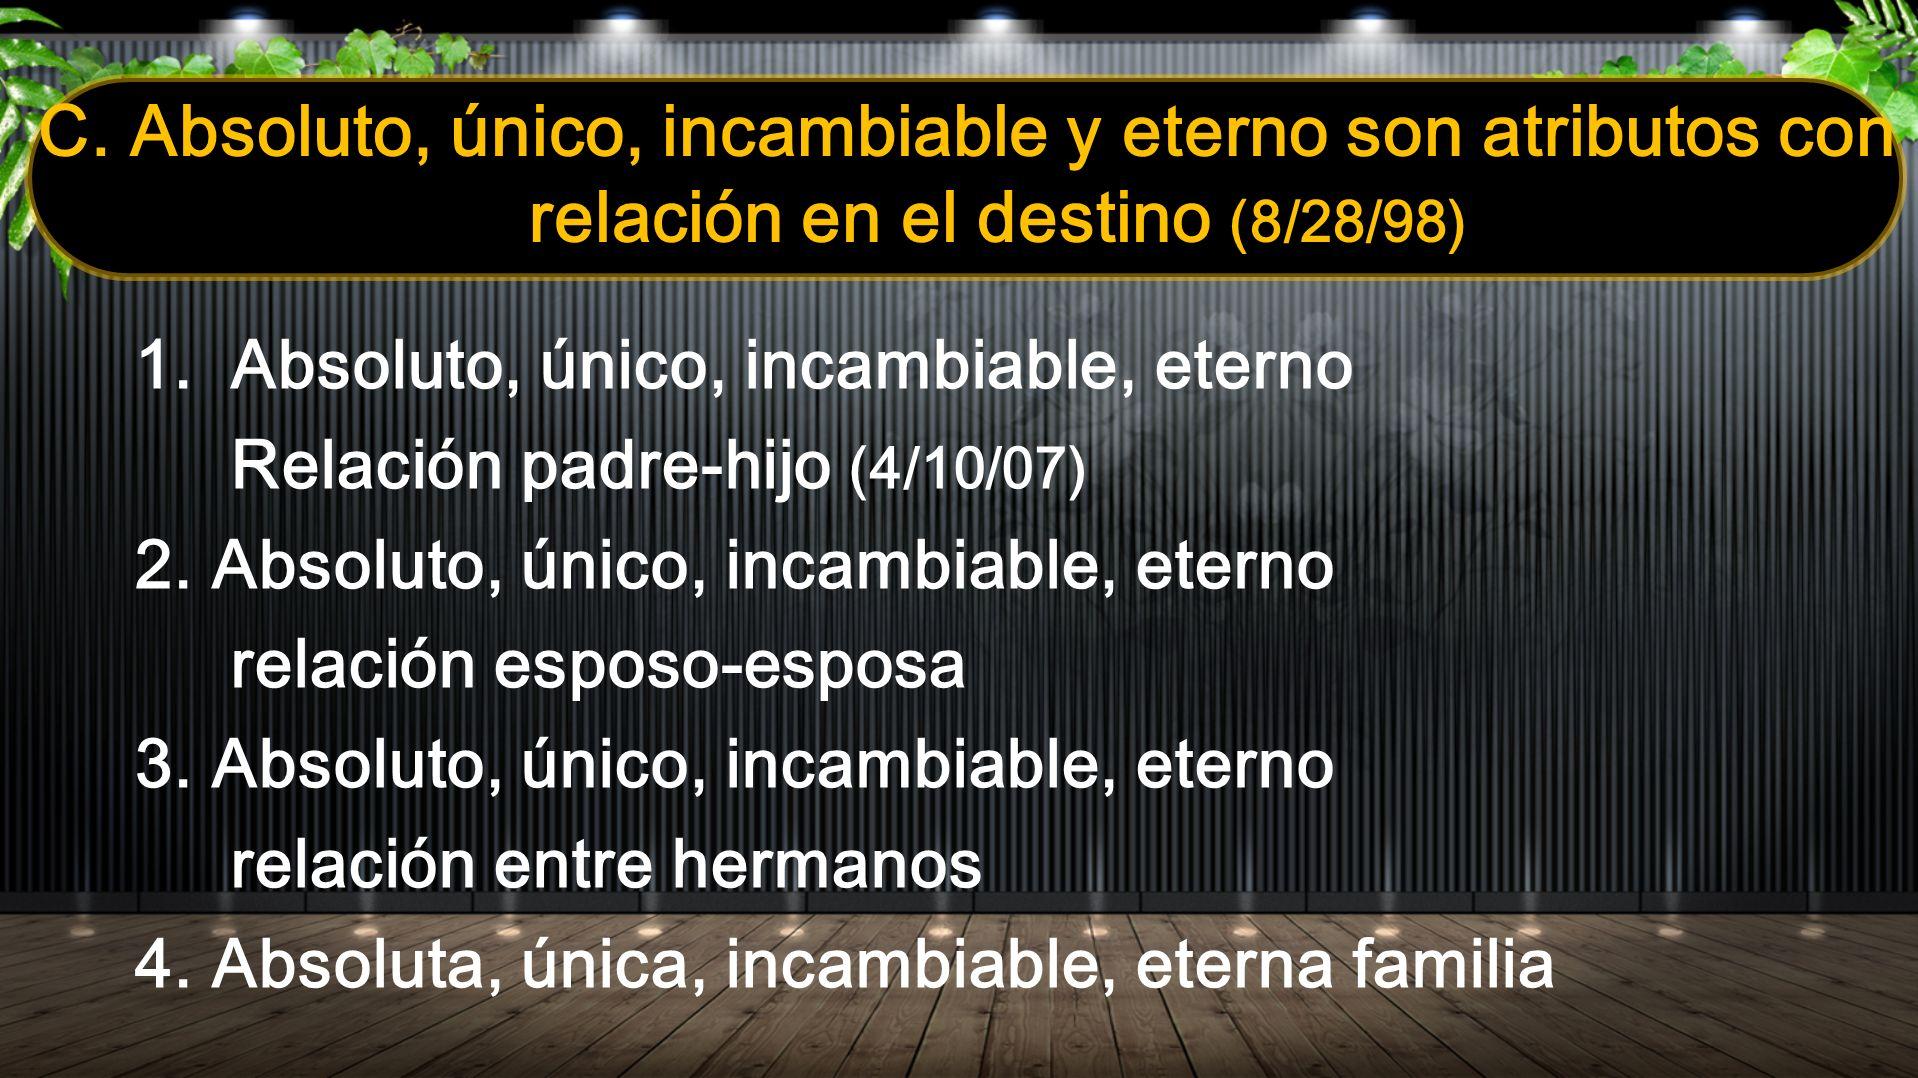 C. Absoluto, único, incambiable y eterno son atributos con relación en el destino (8/28/98) 1.Absoluto, único, incambiable, eterno Relación padre-hijo